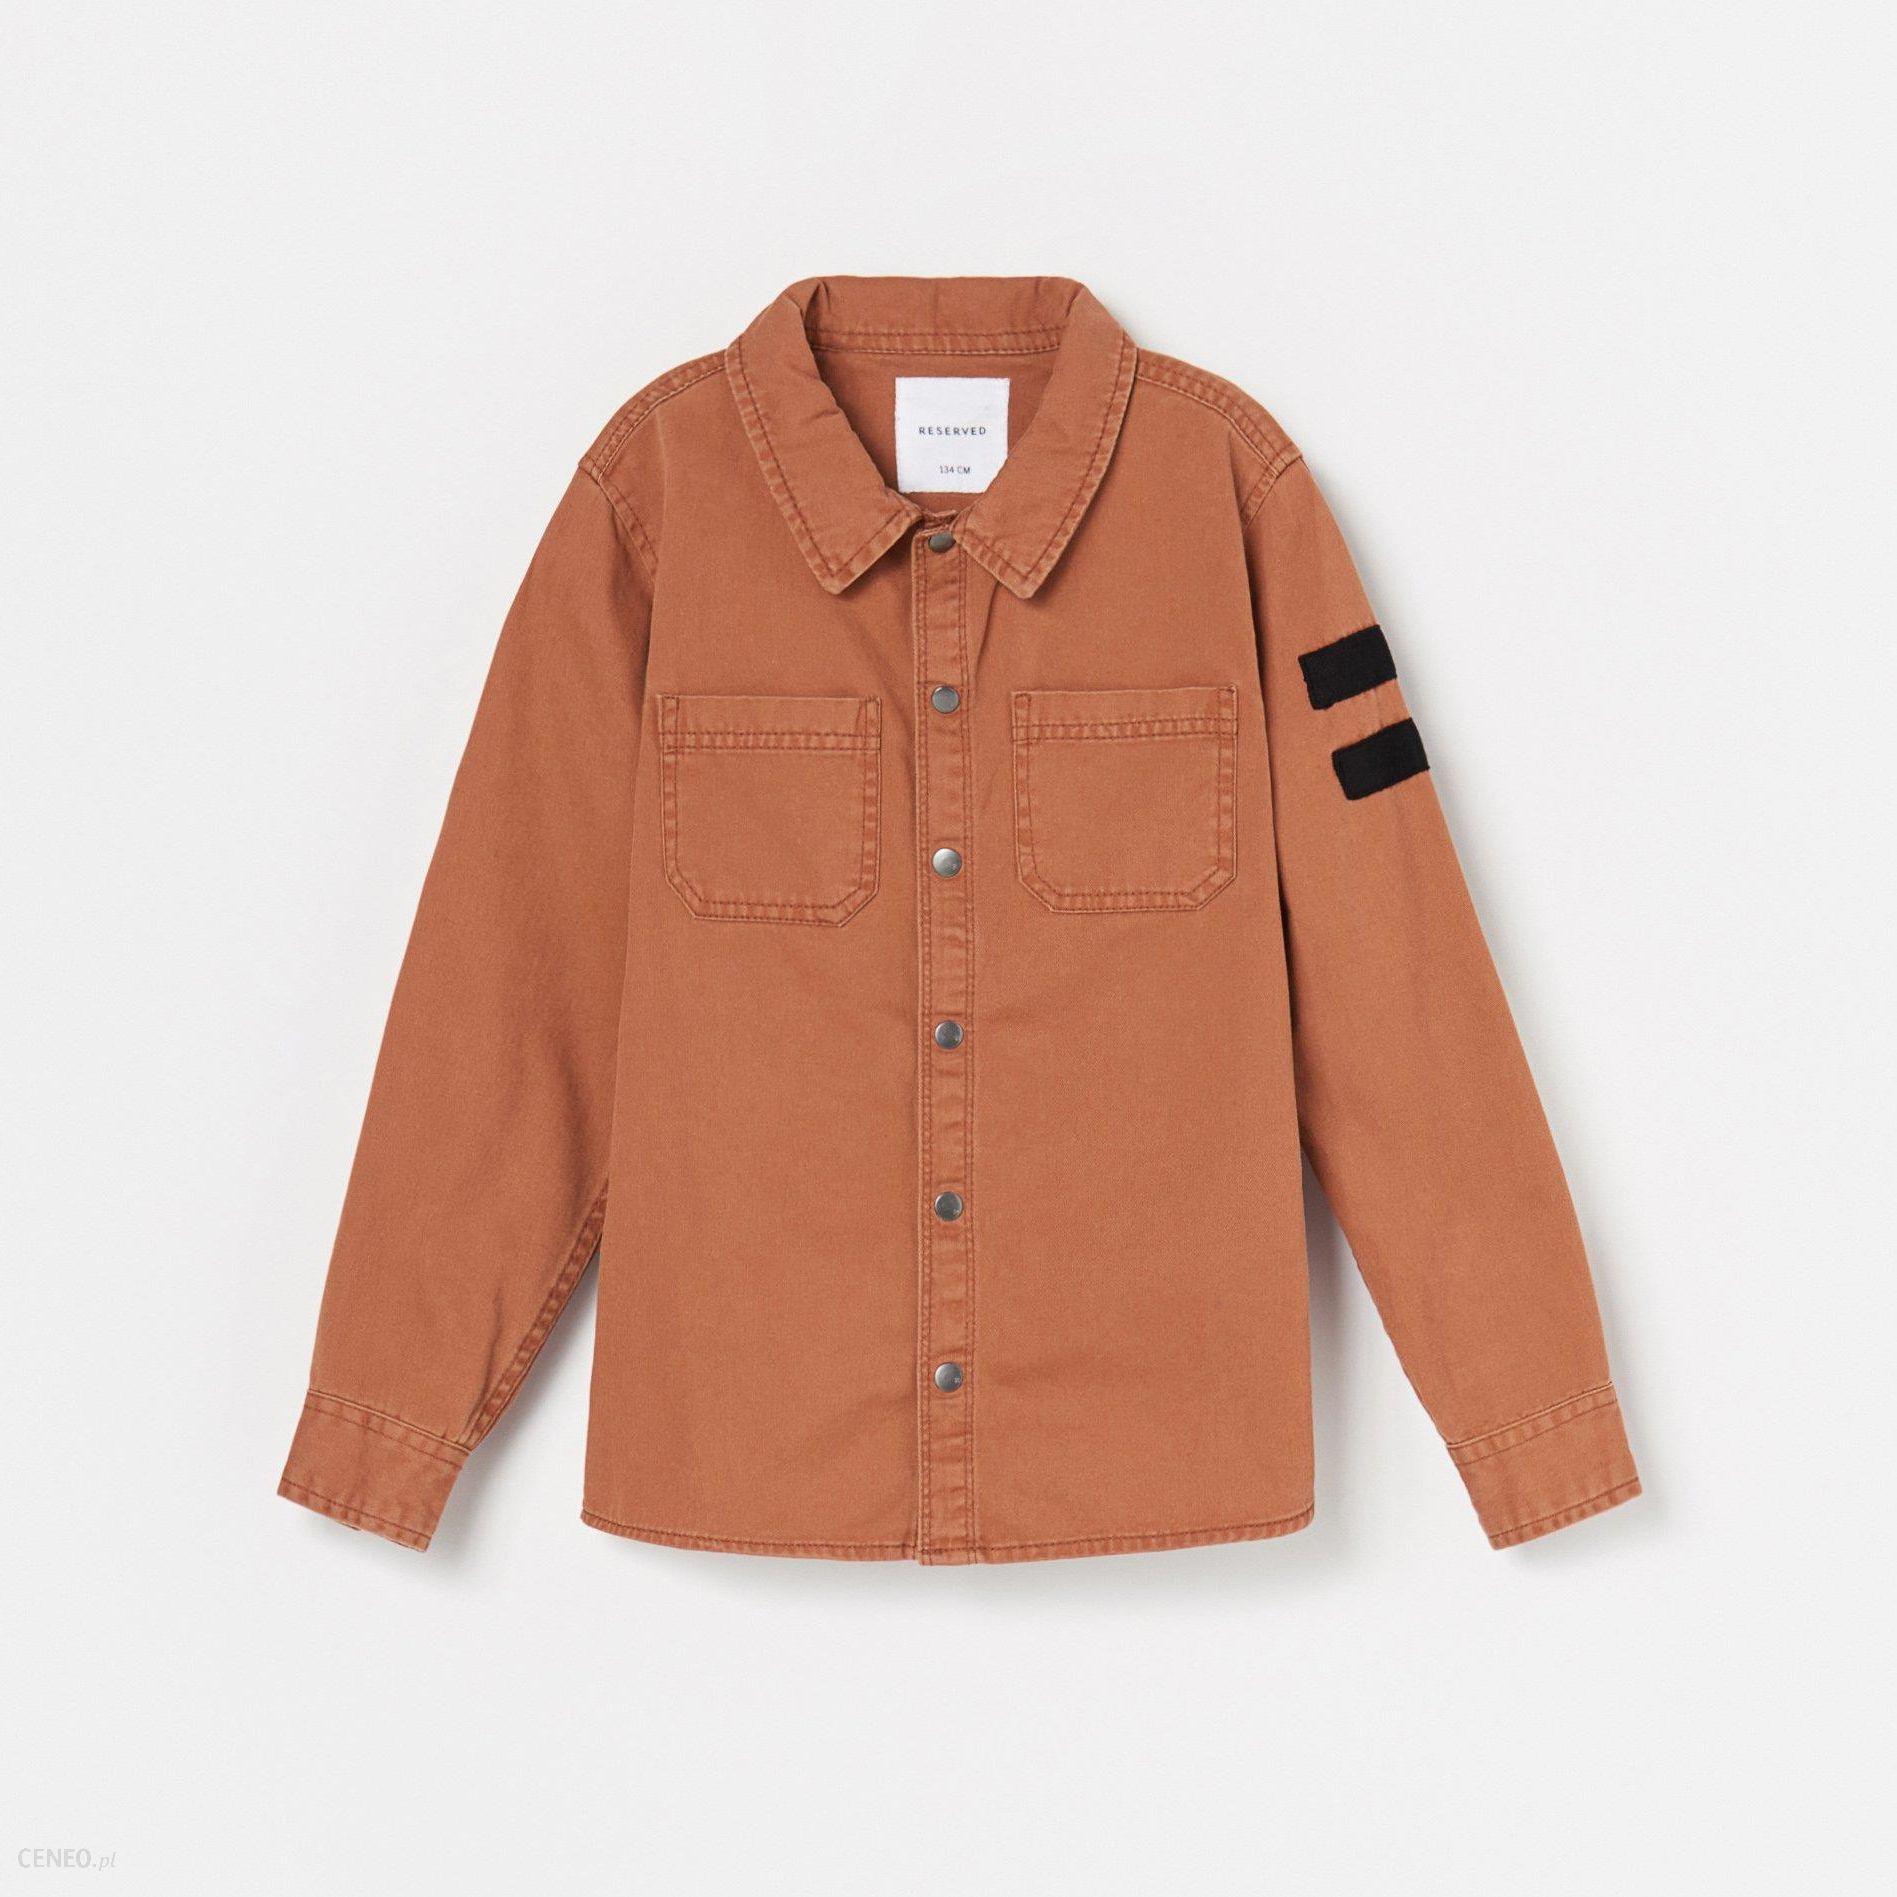 Reserved Jeansowa koszula z zapięciem na zatrzaski  r0PbN